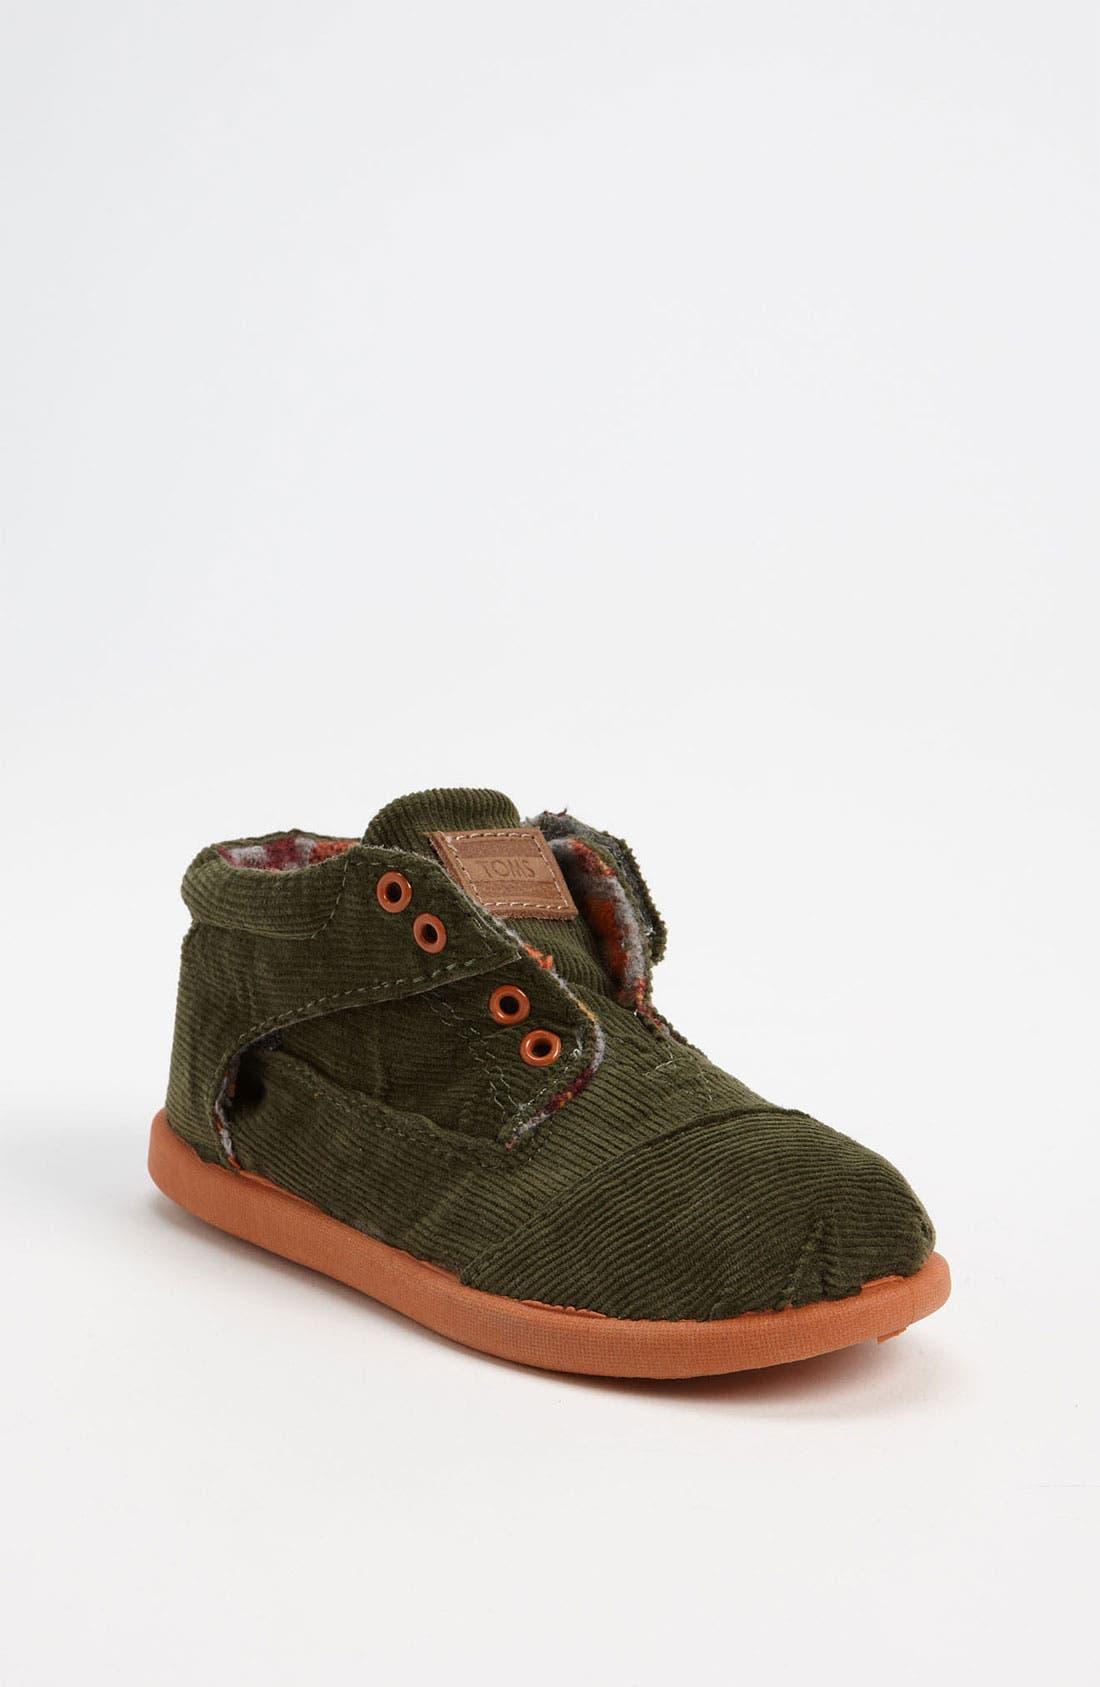 Main Image - TOMS 'Botas' Corduroy Boot (Baby, Walker & Toddler)